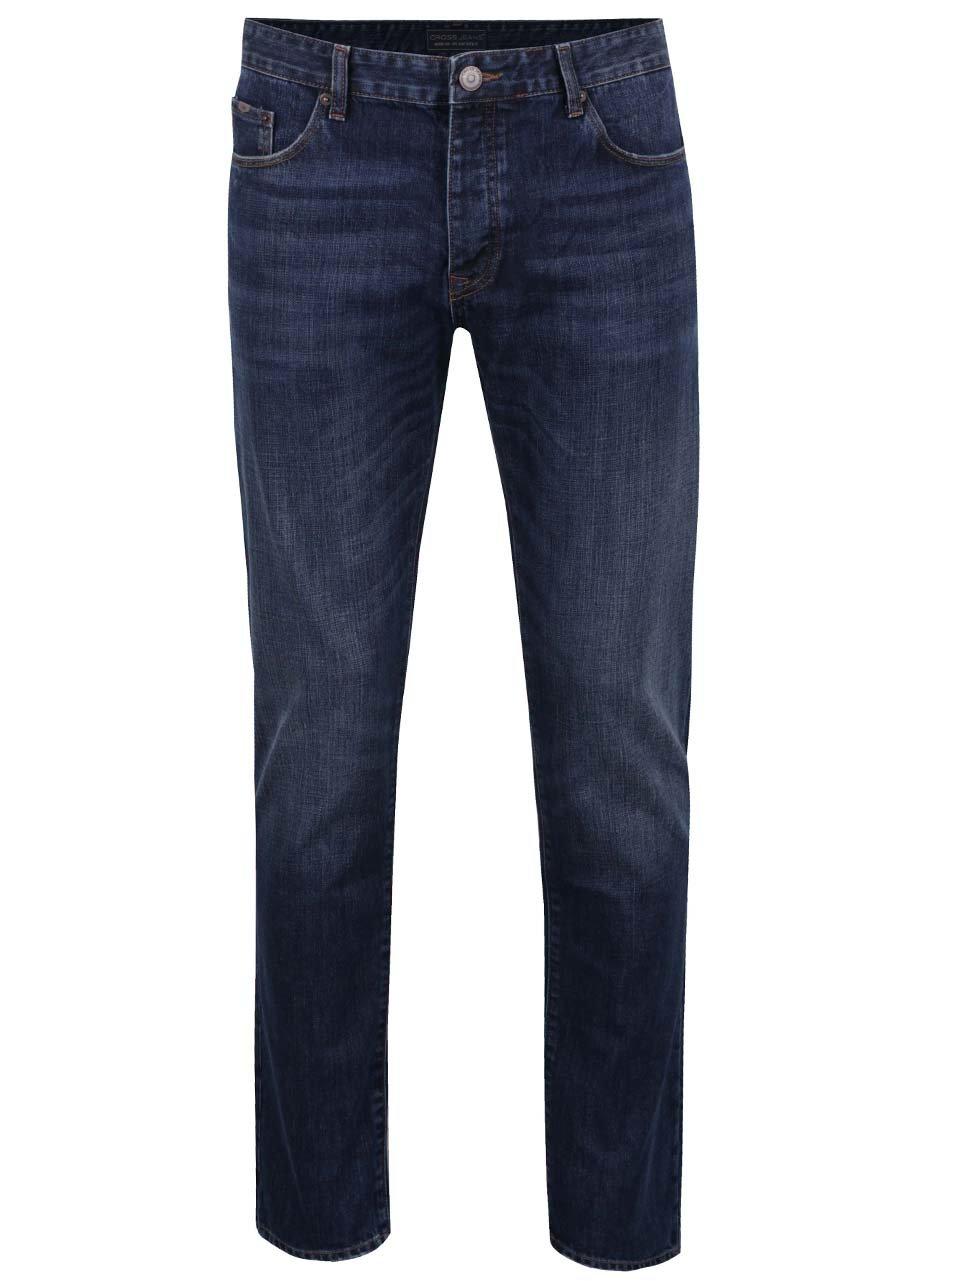 Modré pánské džíny Cross Jeans Tapered ... 11655535d3